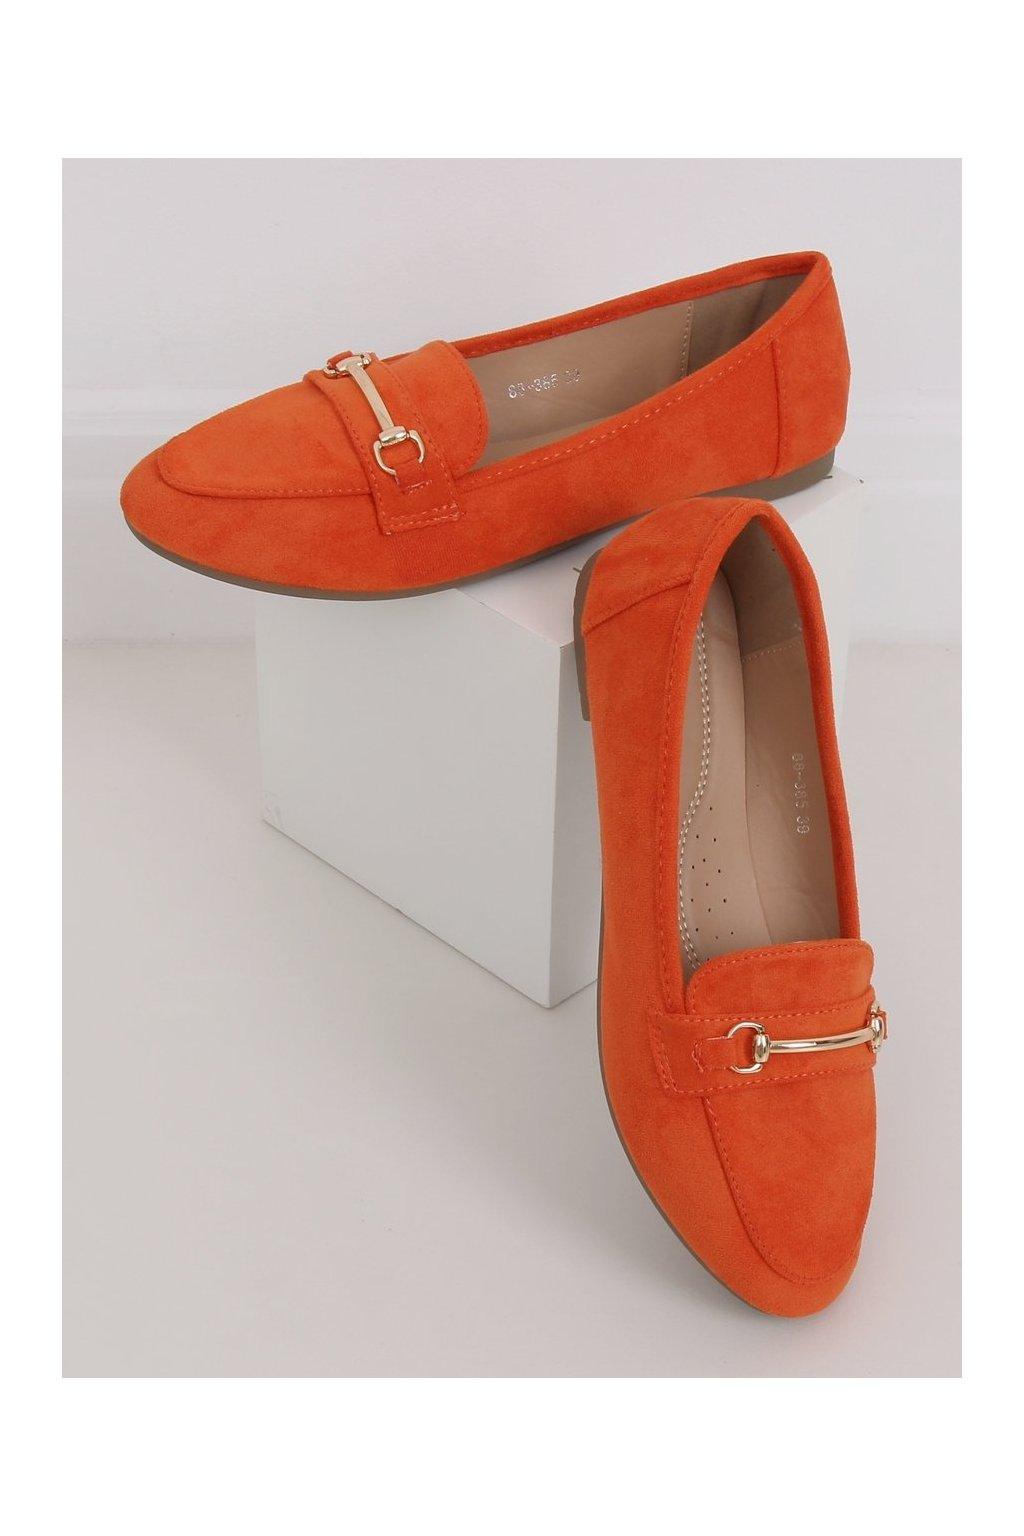 Dámske mokasíny oranžové 88-385